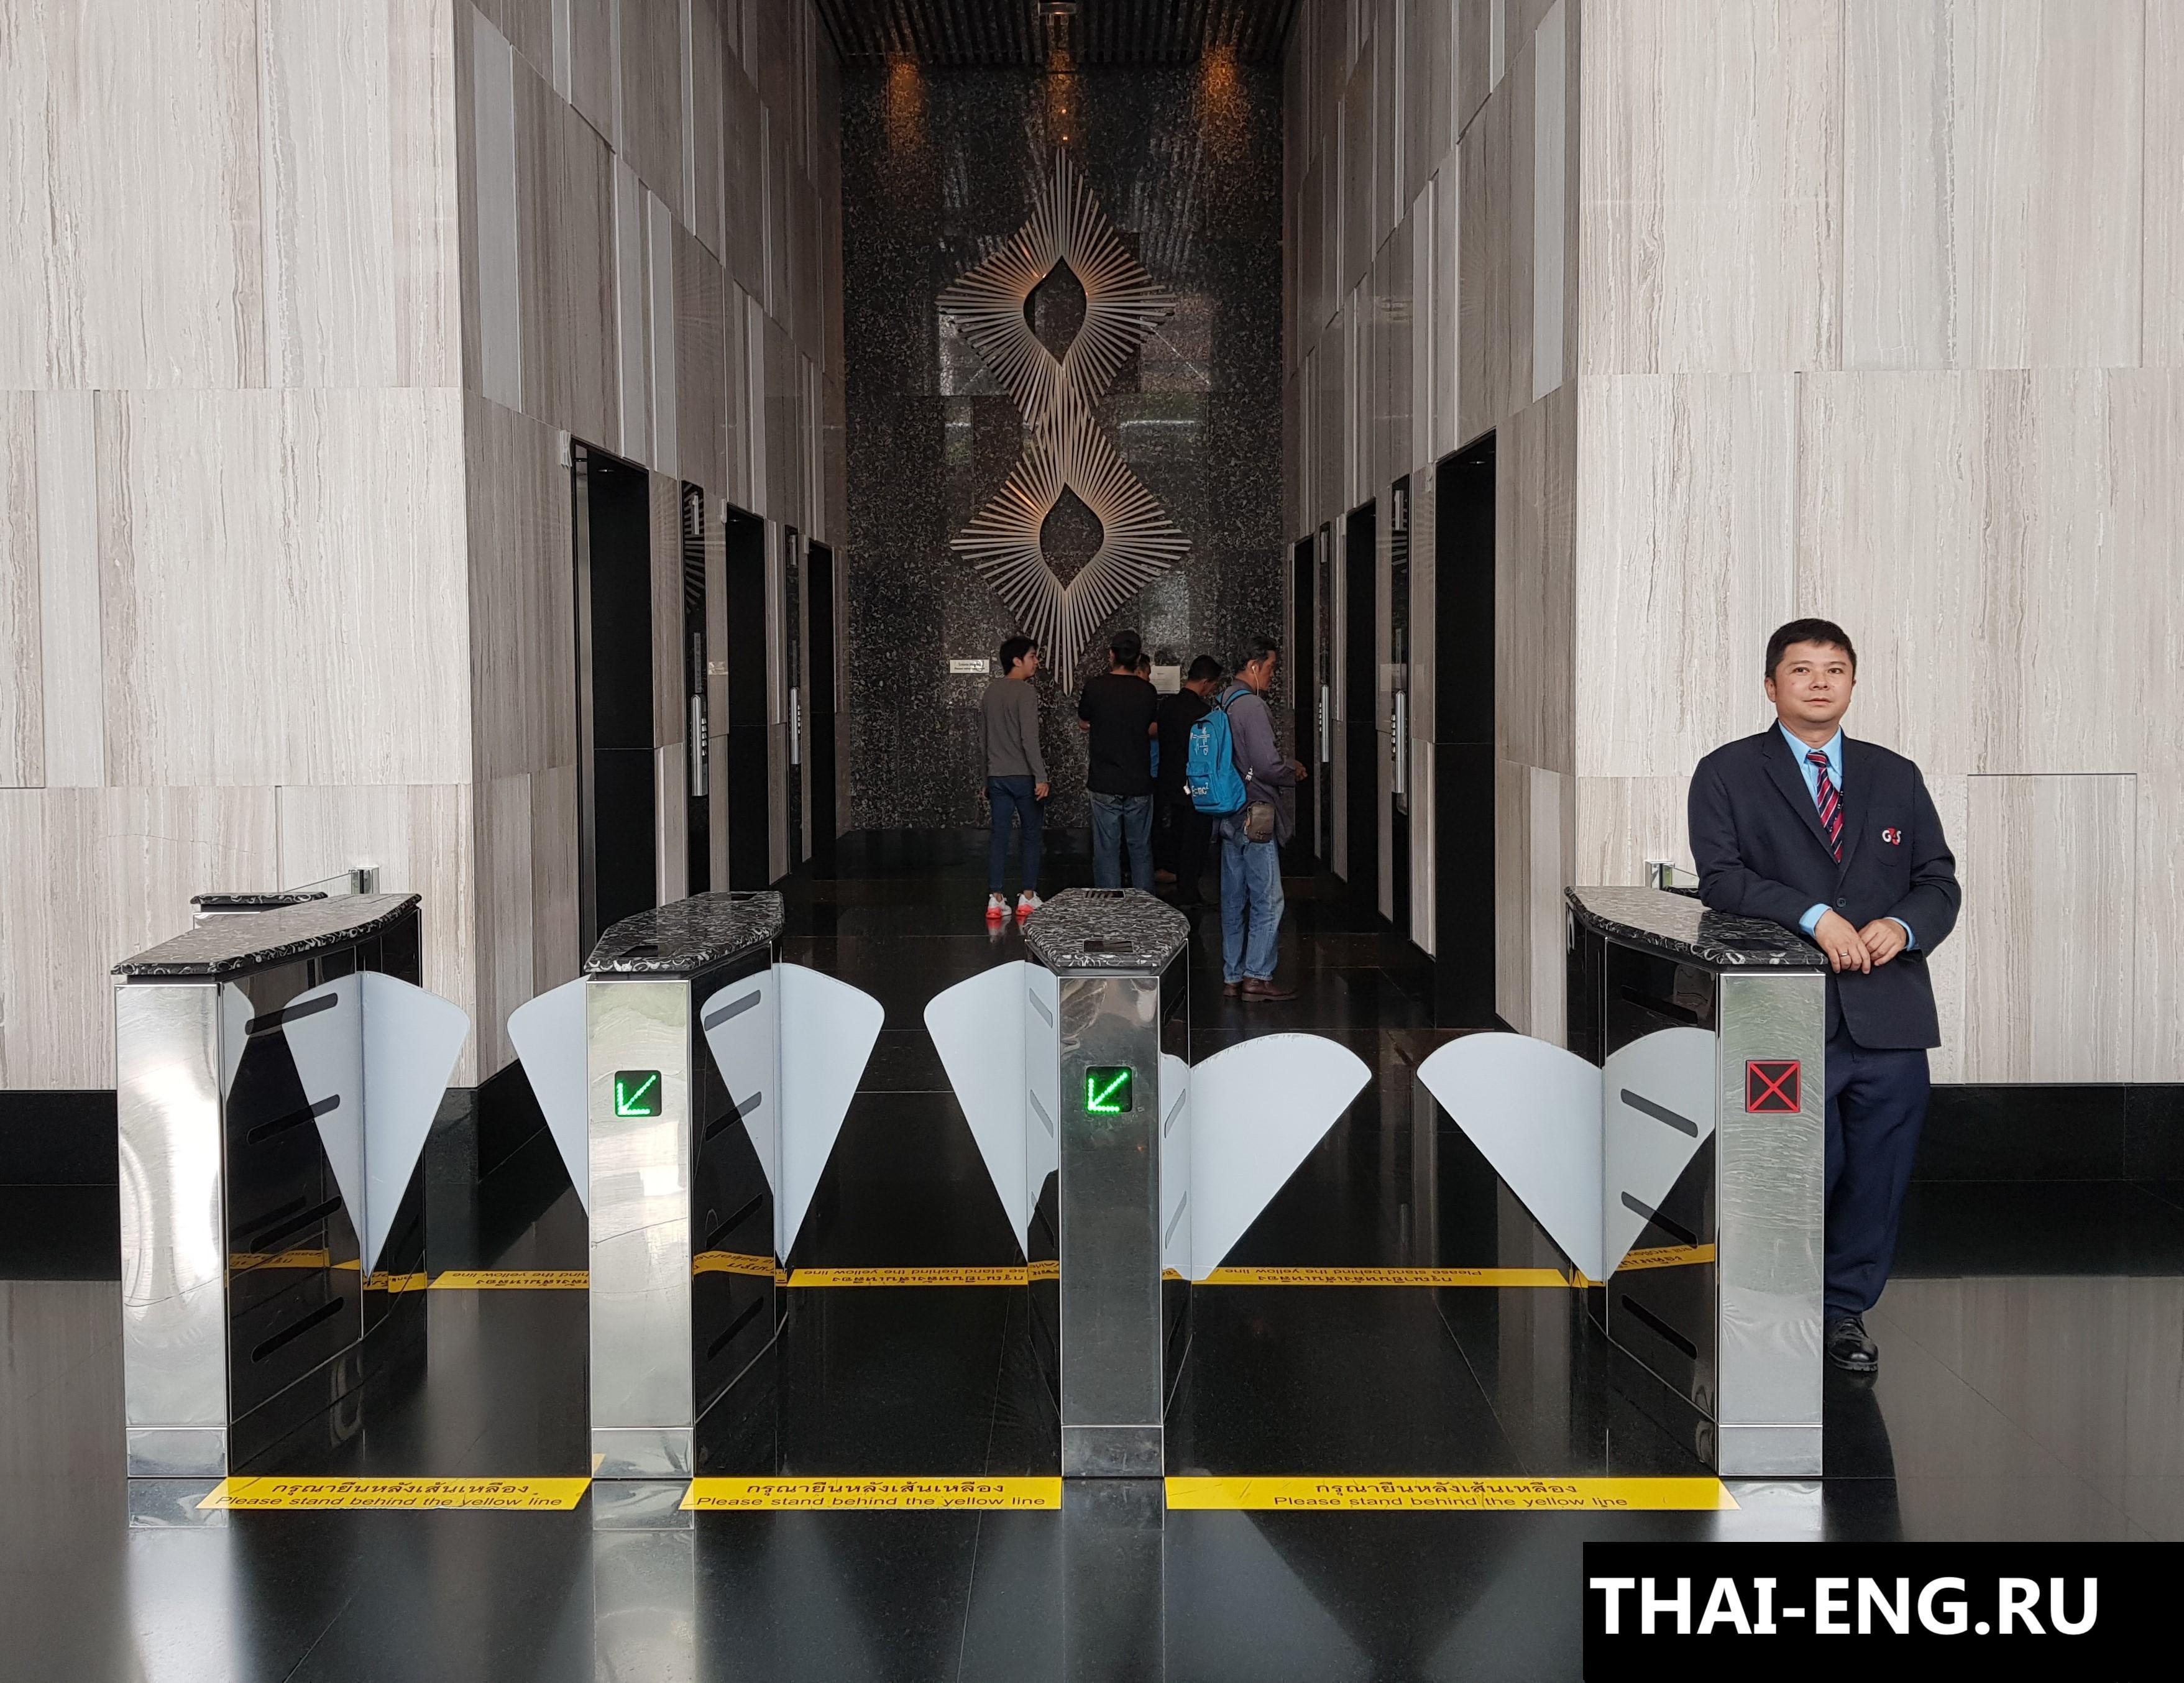 Подбор кадров в Таиланде